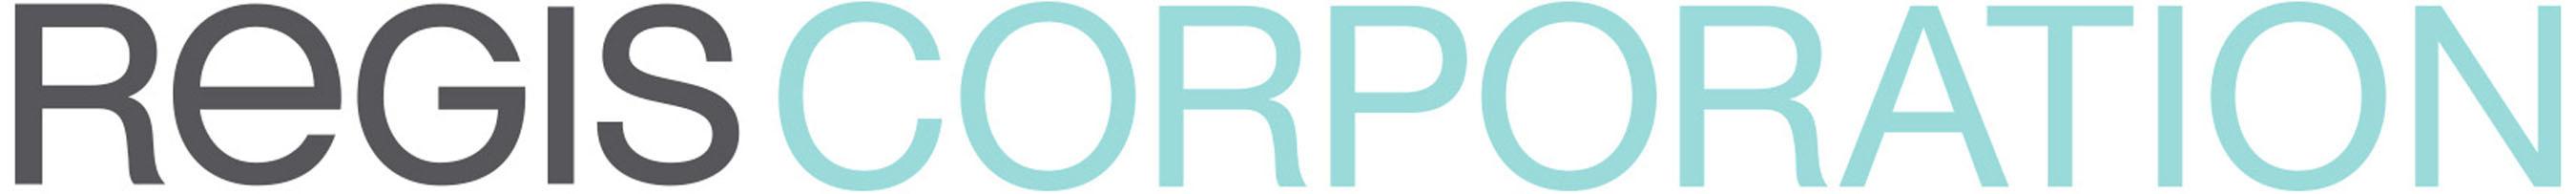 Regis Corporation.